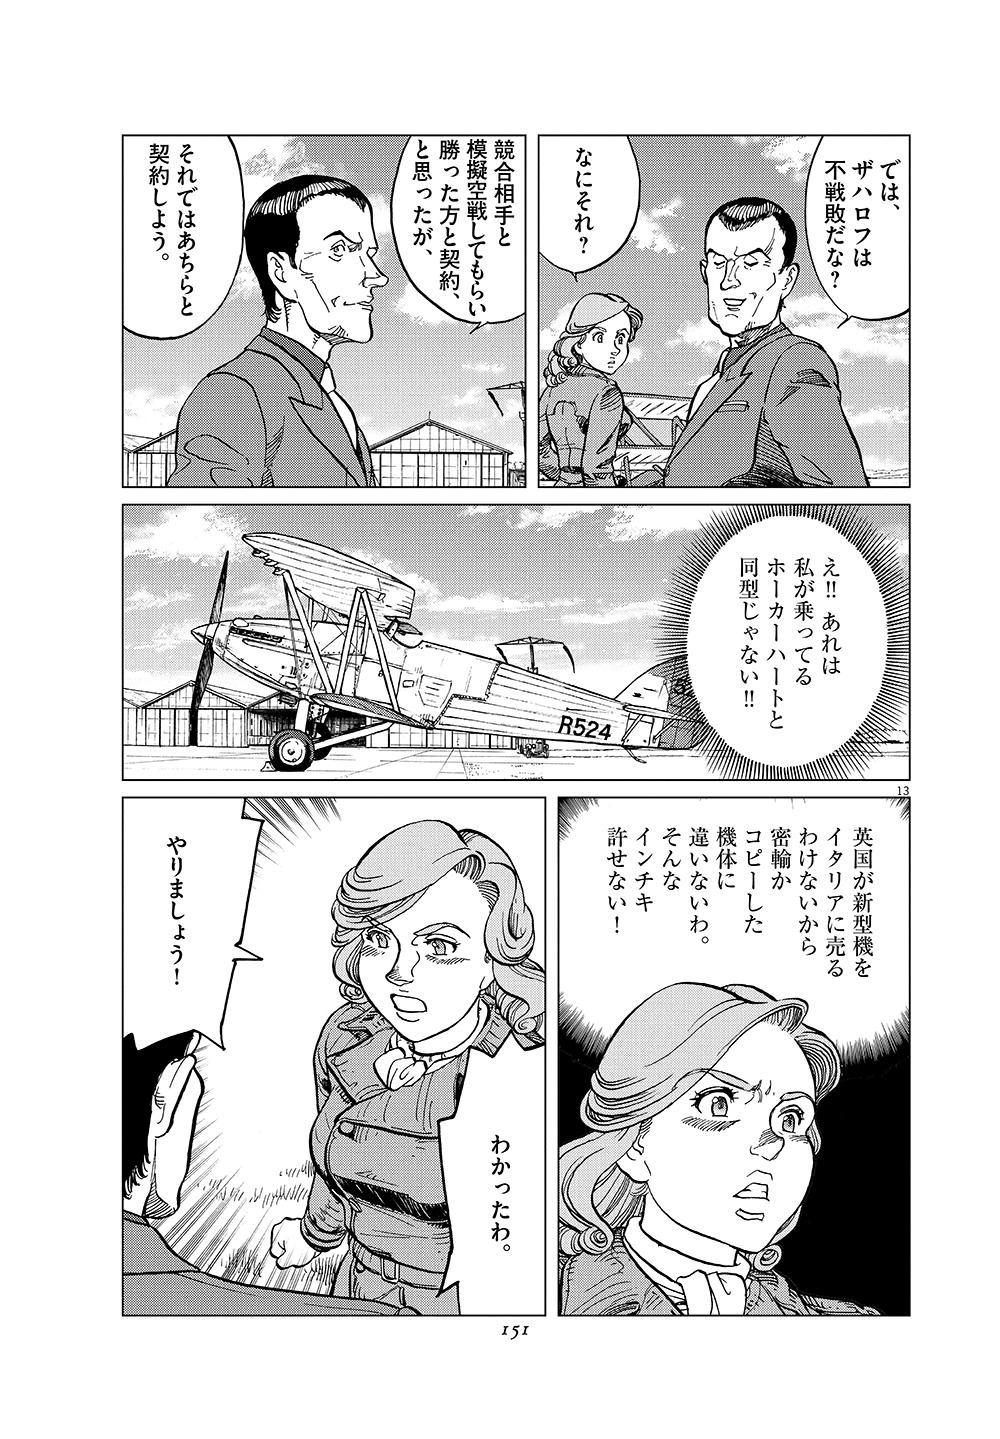 女流飛行士マリア・マンテガッツァの冒険 第十九話13ページ目画像